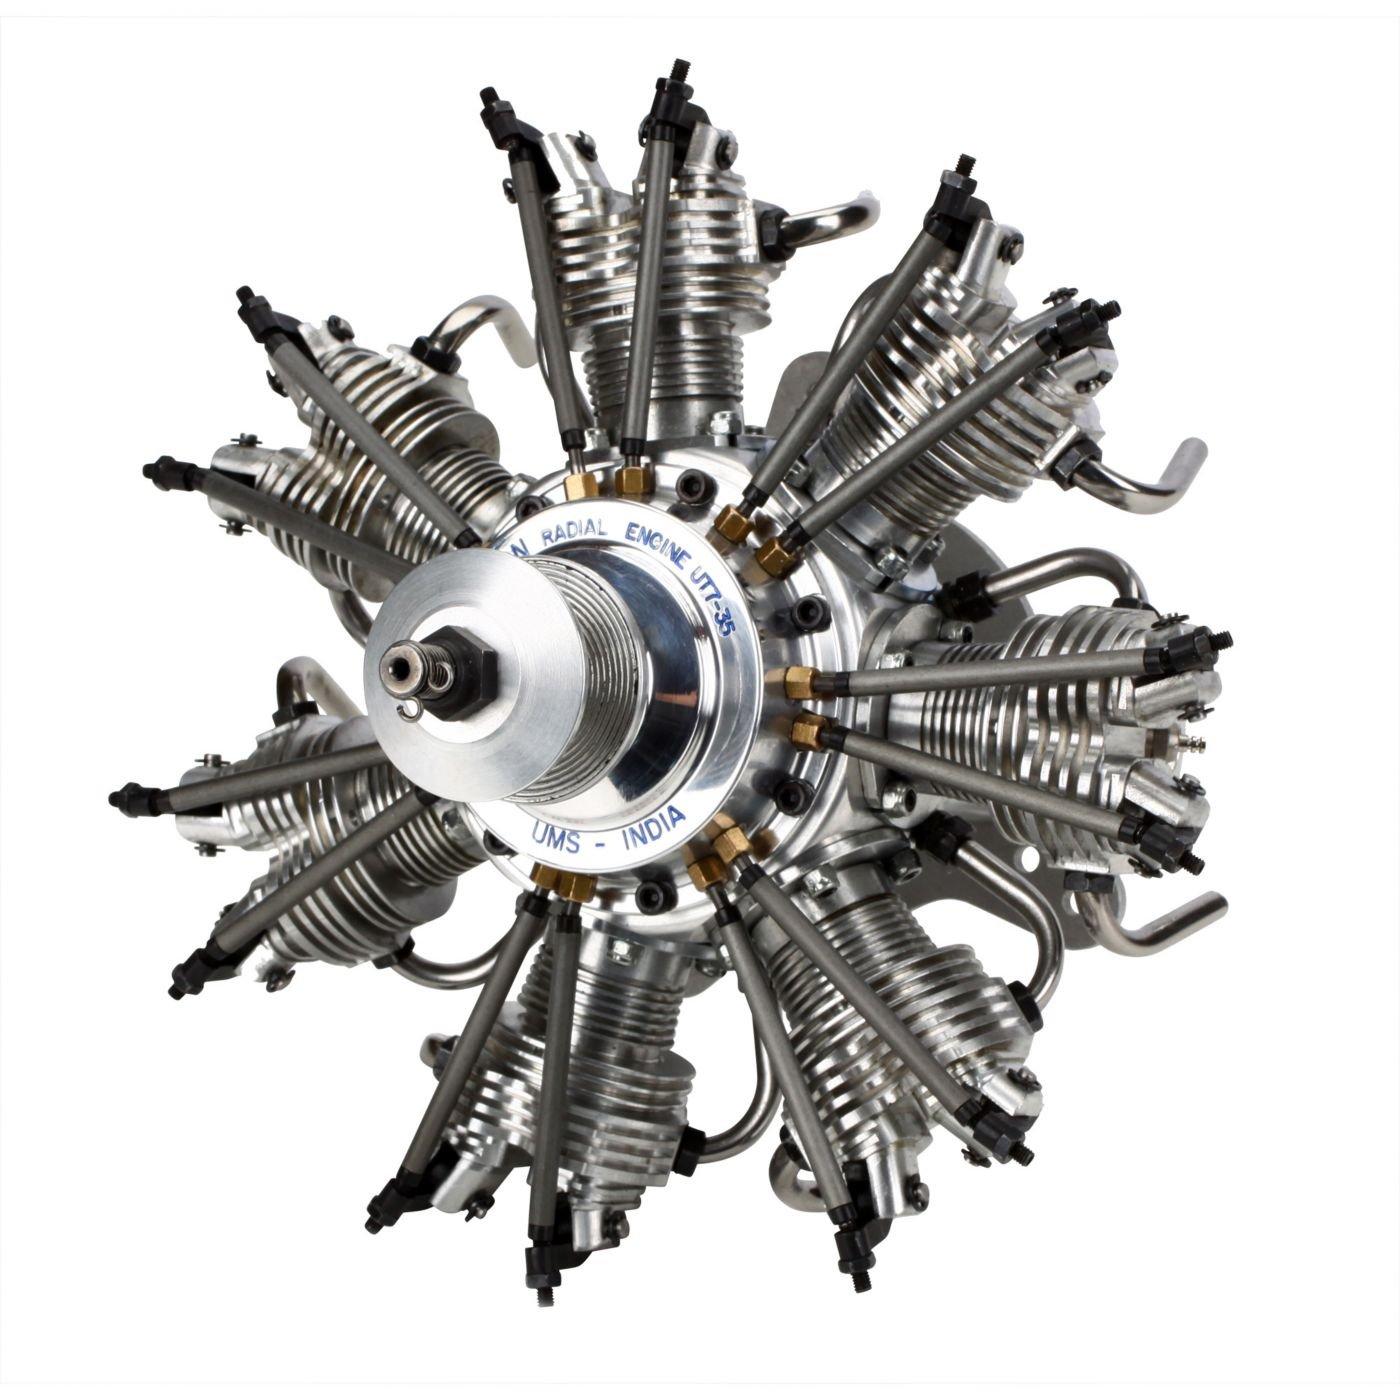 Evolution Radial 4-Takt Glühzünder Verbrenner 7-Zylinder 35cc